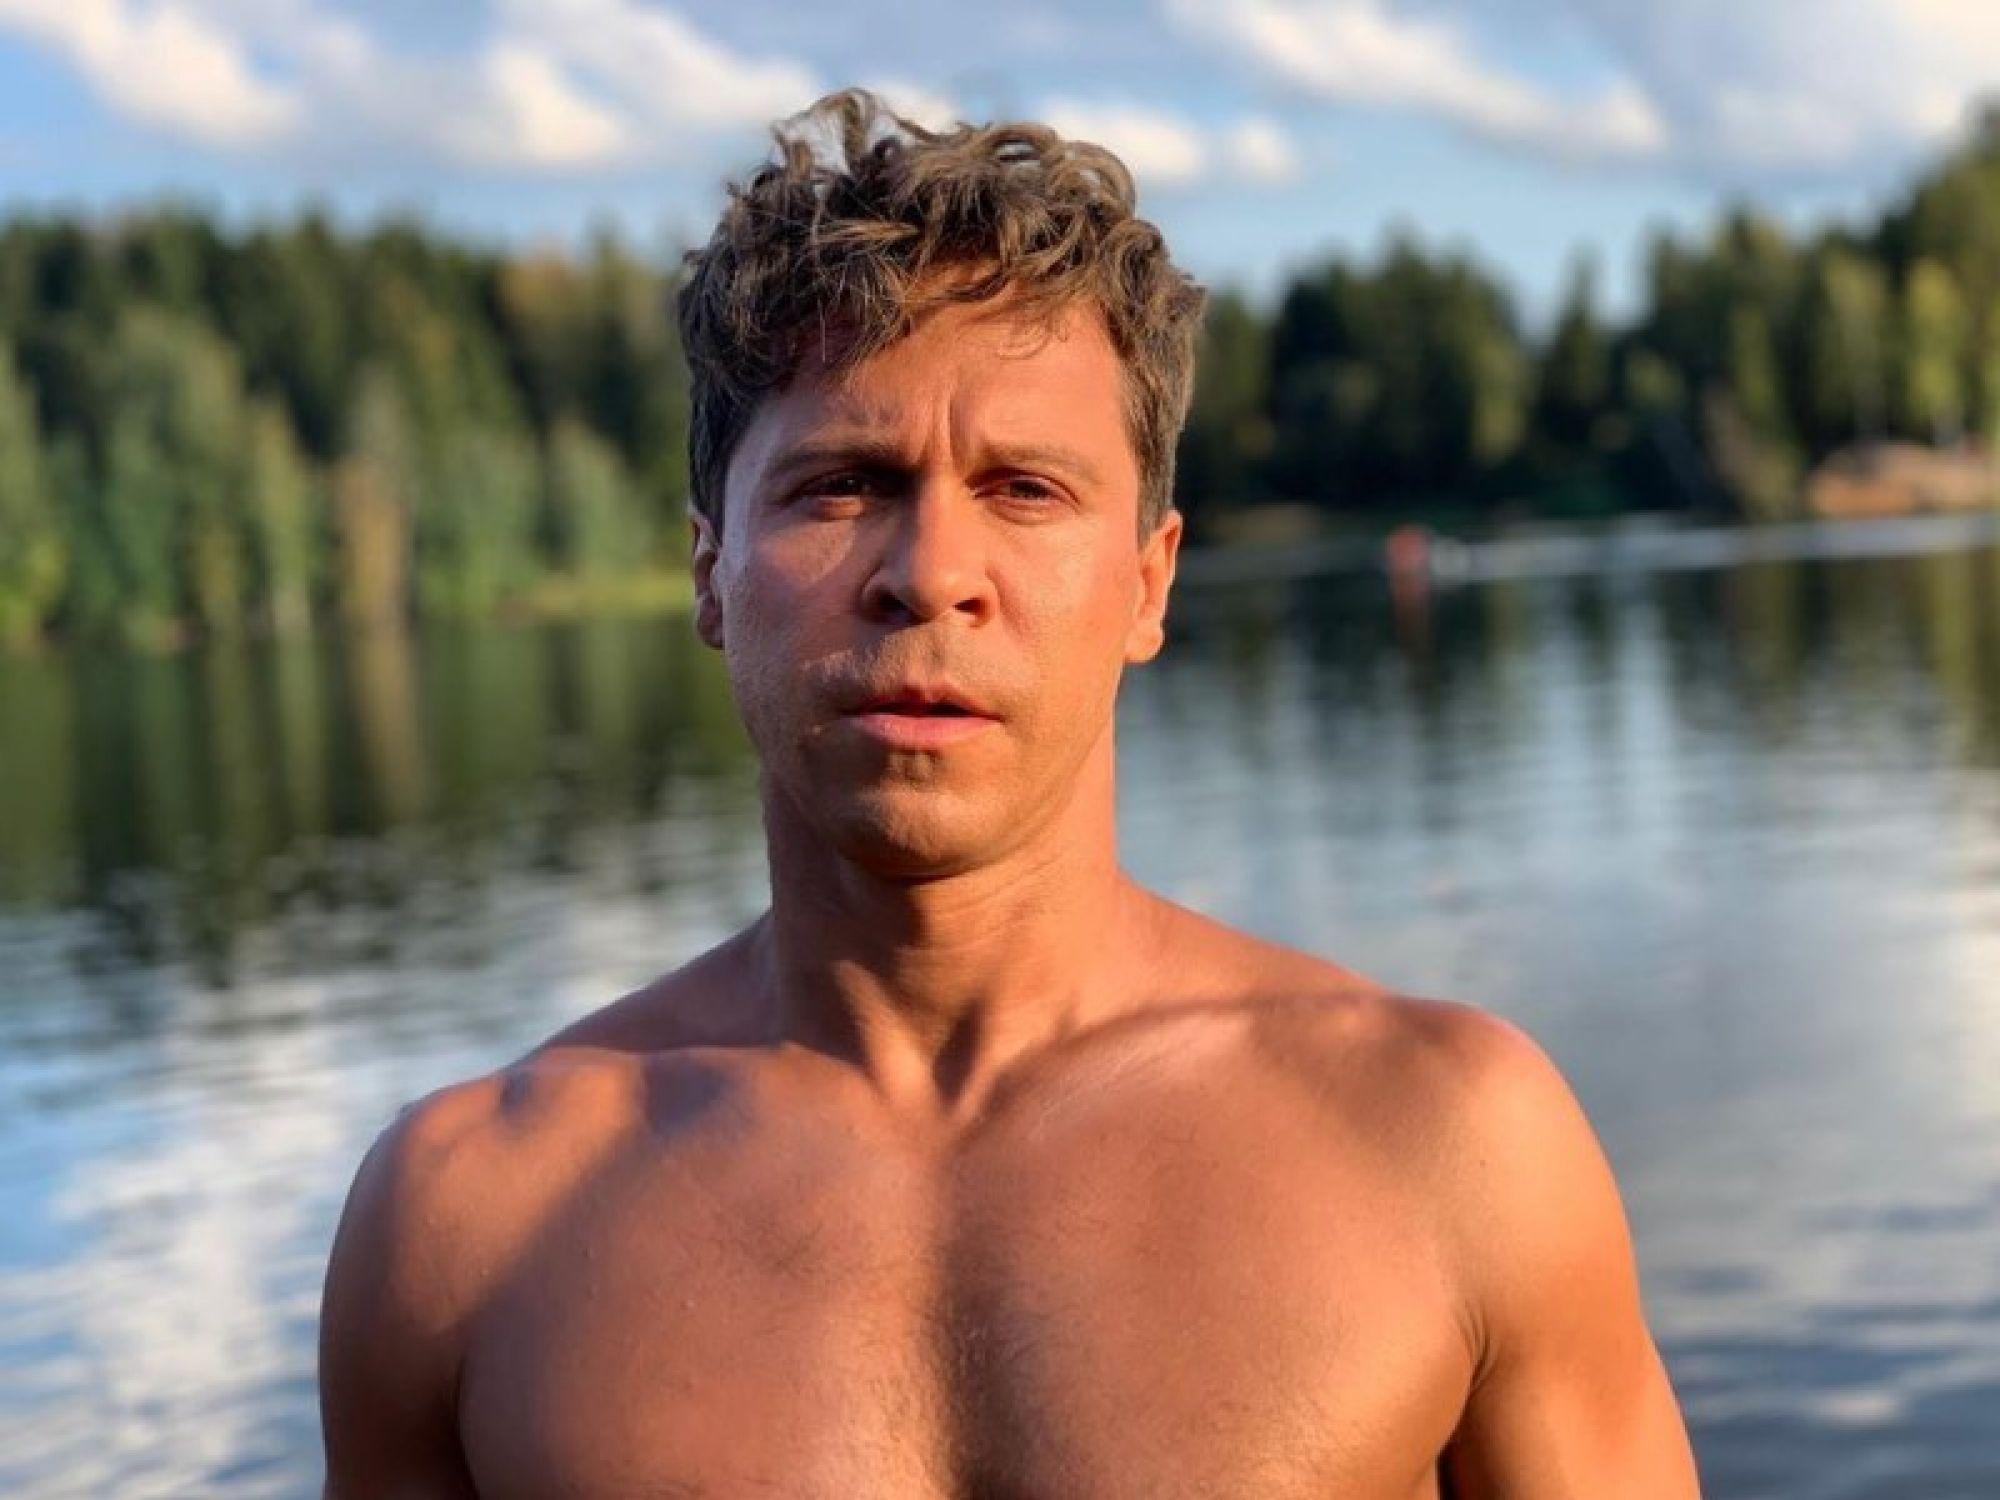 Павел Деревянко вышел на одиночный пикет в поддержку политзаключённых к администрации президента